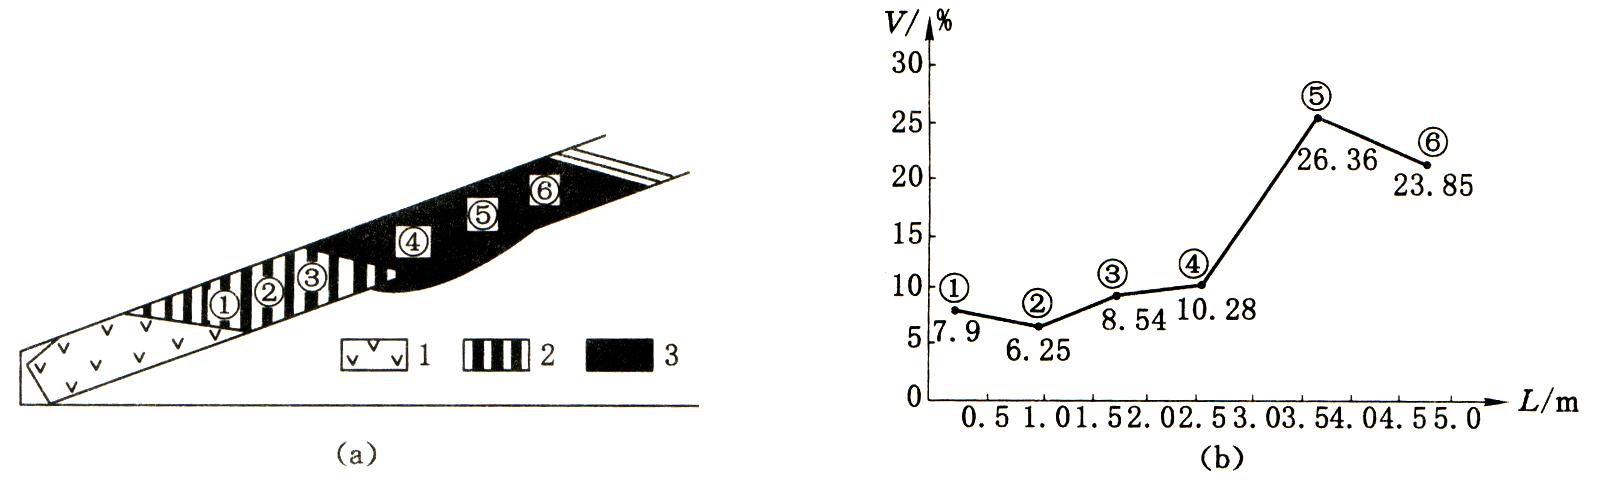 凡曲线发现结构图